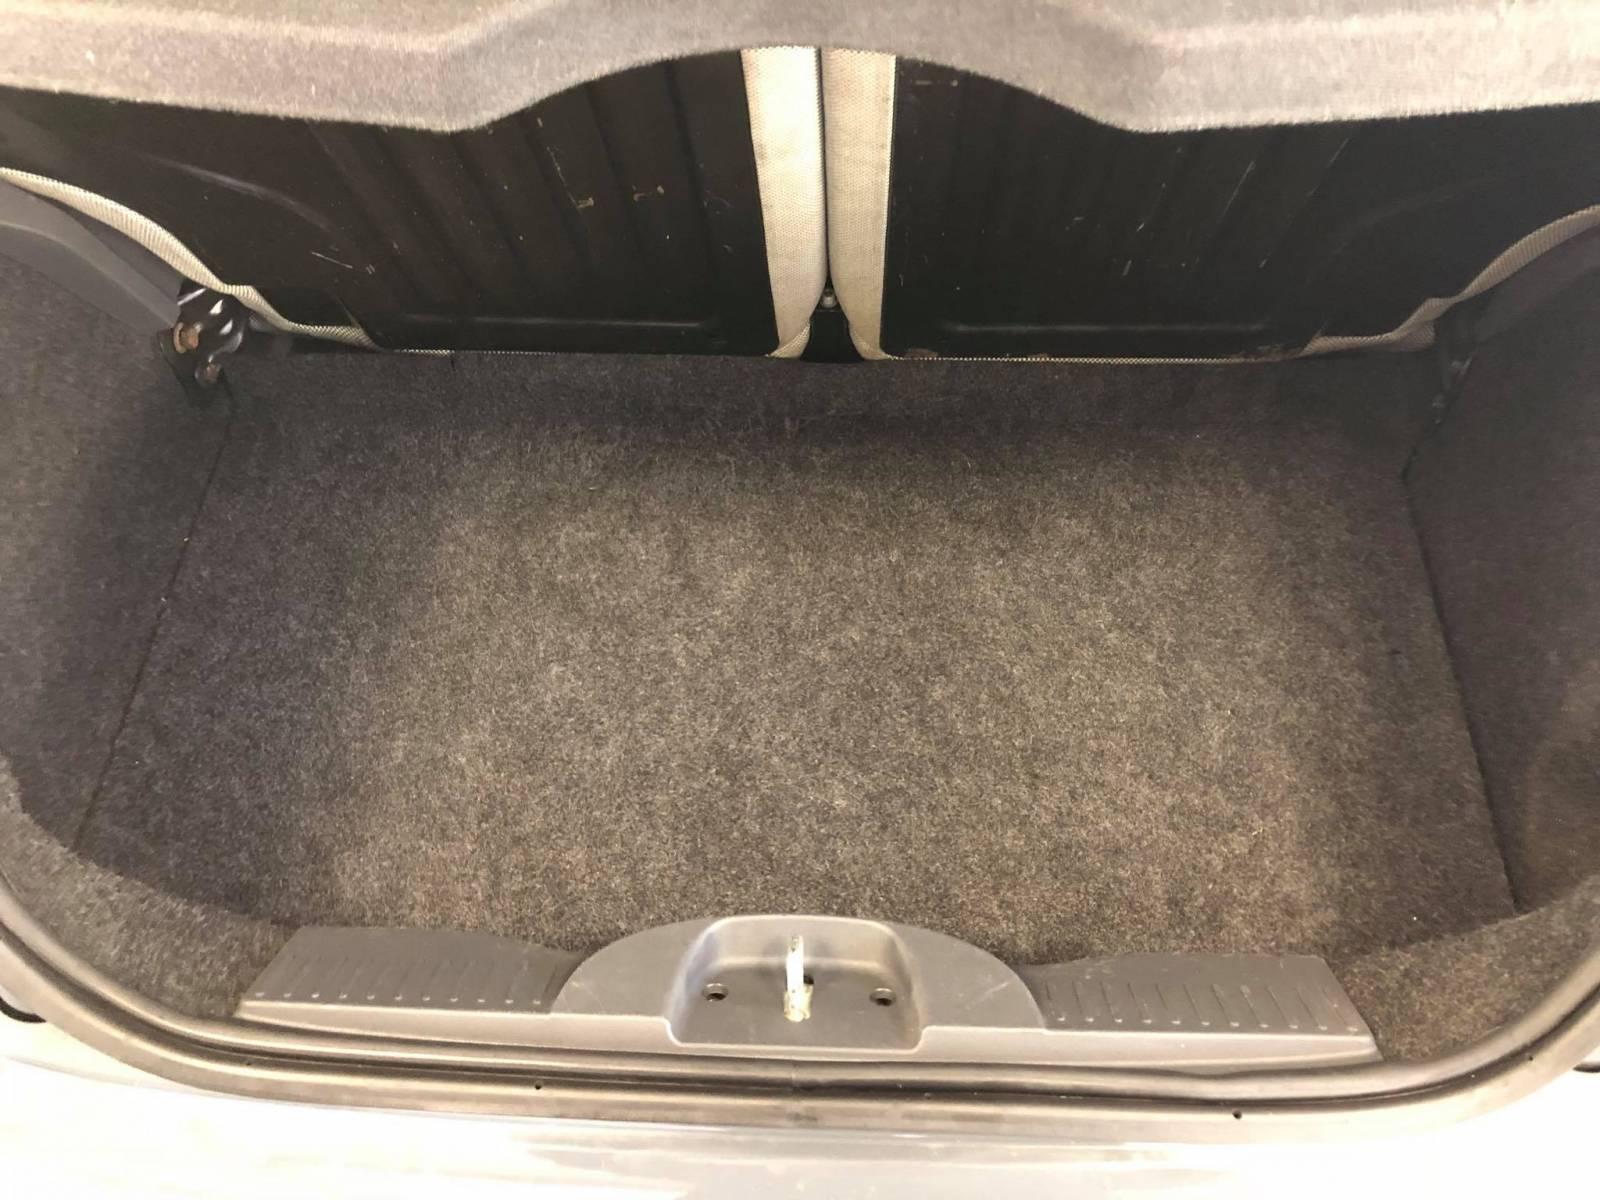 lavage complet auto m rignac clean autos 33. Black Bedroom Furniture Sets. Home Design Ideas